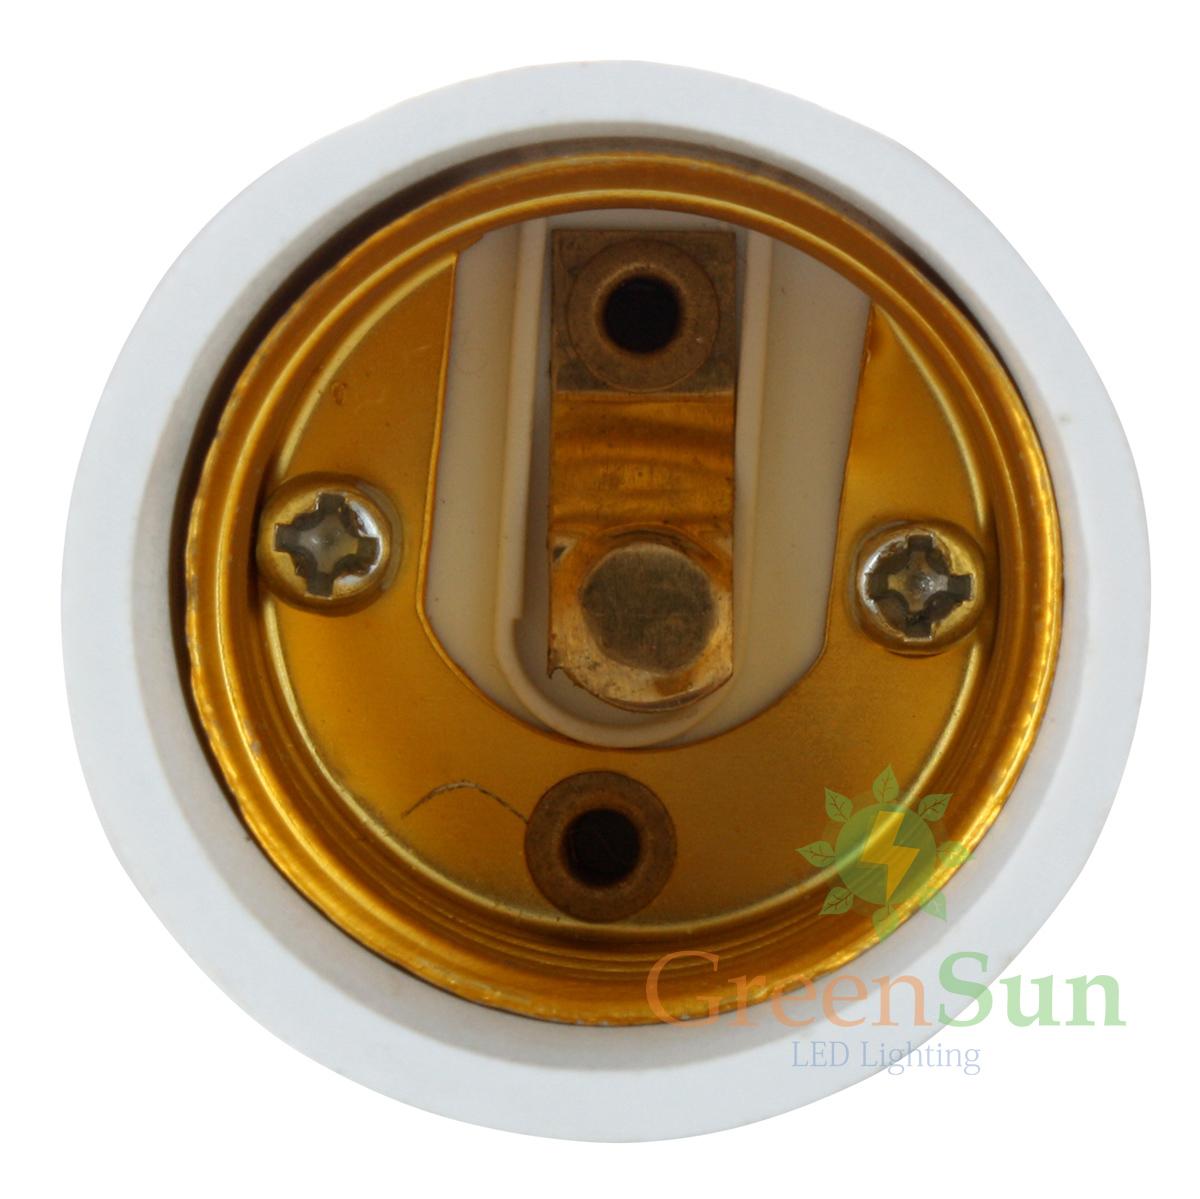 adaptateur douille e27 mr16 gu10 e14 led ampoule lampe. Black Bedroom Furniture Sets. Home Design Ideas